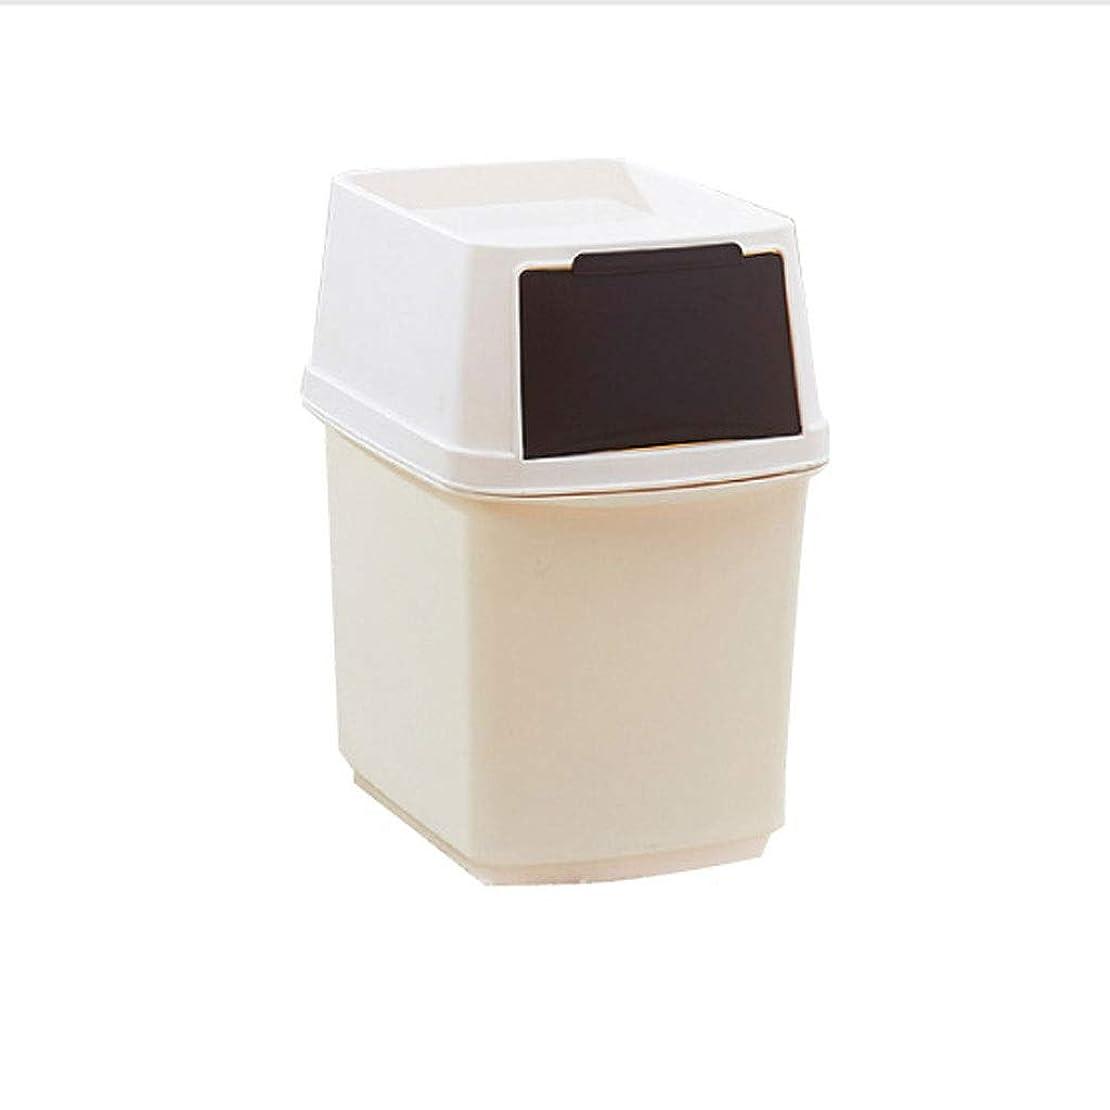 正確にコメントやけどふたが付いている正方形のゴミ箱、家の浴室の台所寝室、25.3 * 32 * 39.7cmの白のための内部のバケツが付いているゴミ箱のプラスチック。 (Color : White)